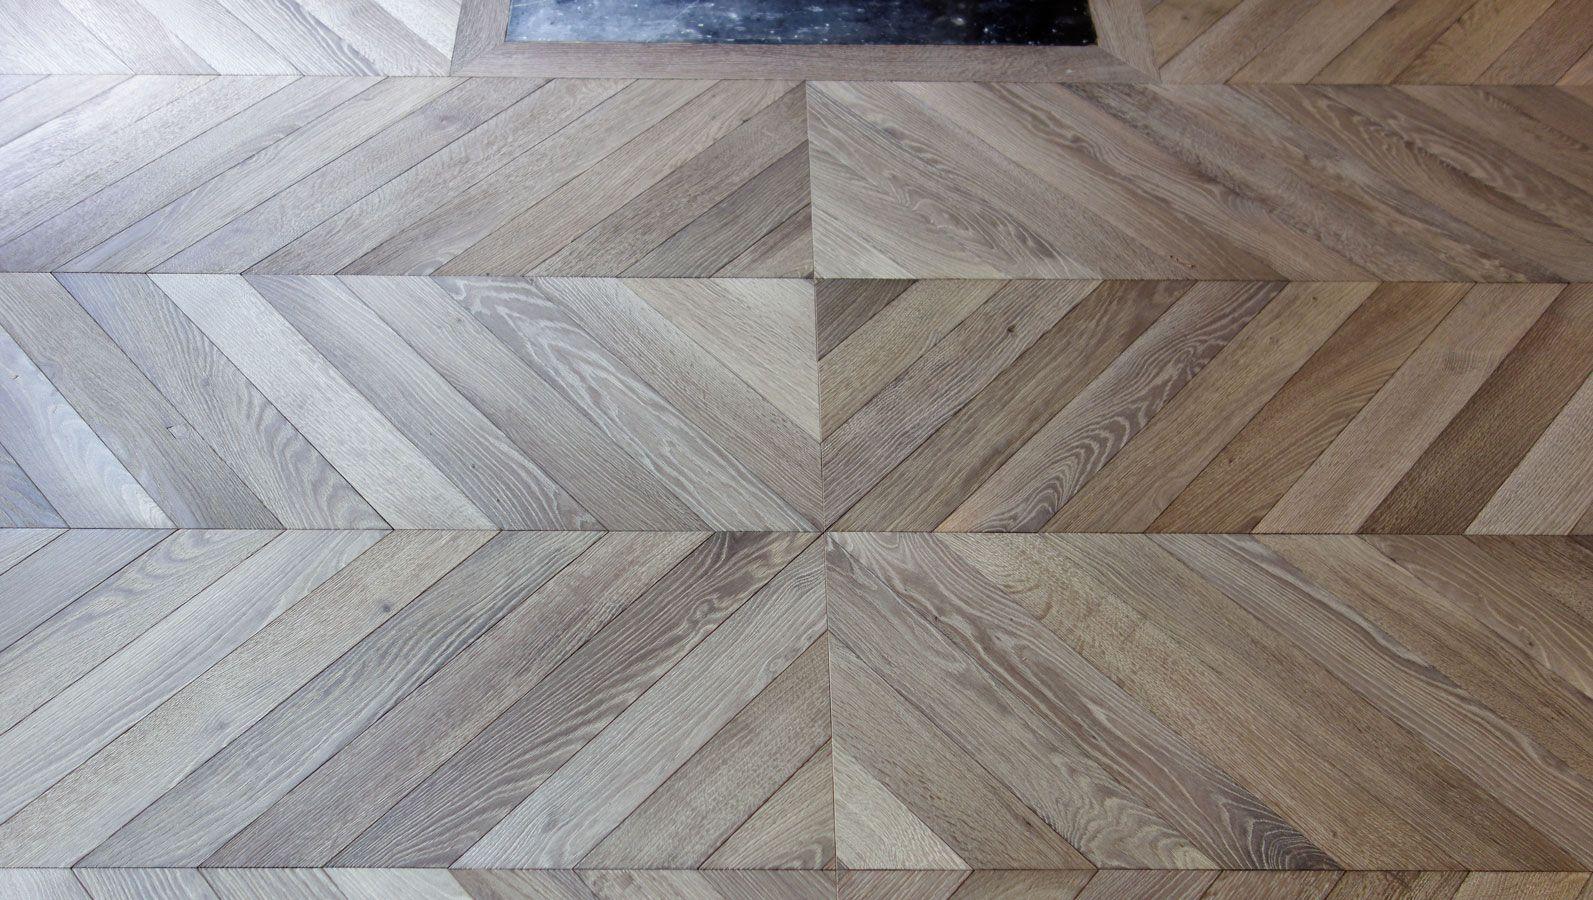 Ceruser Un Parquet En Chene l'inversion de sens crée une géométrie   plancher, bois